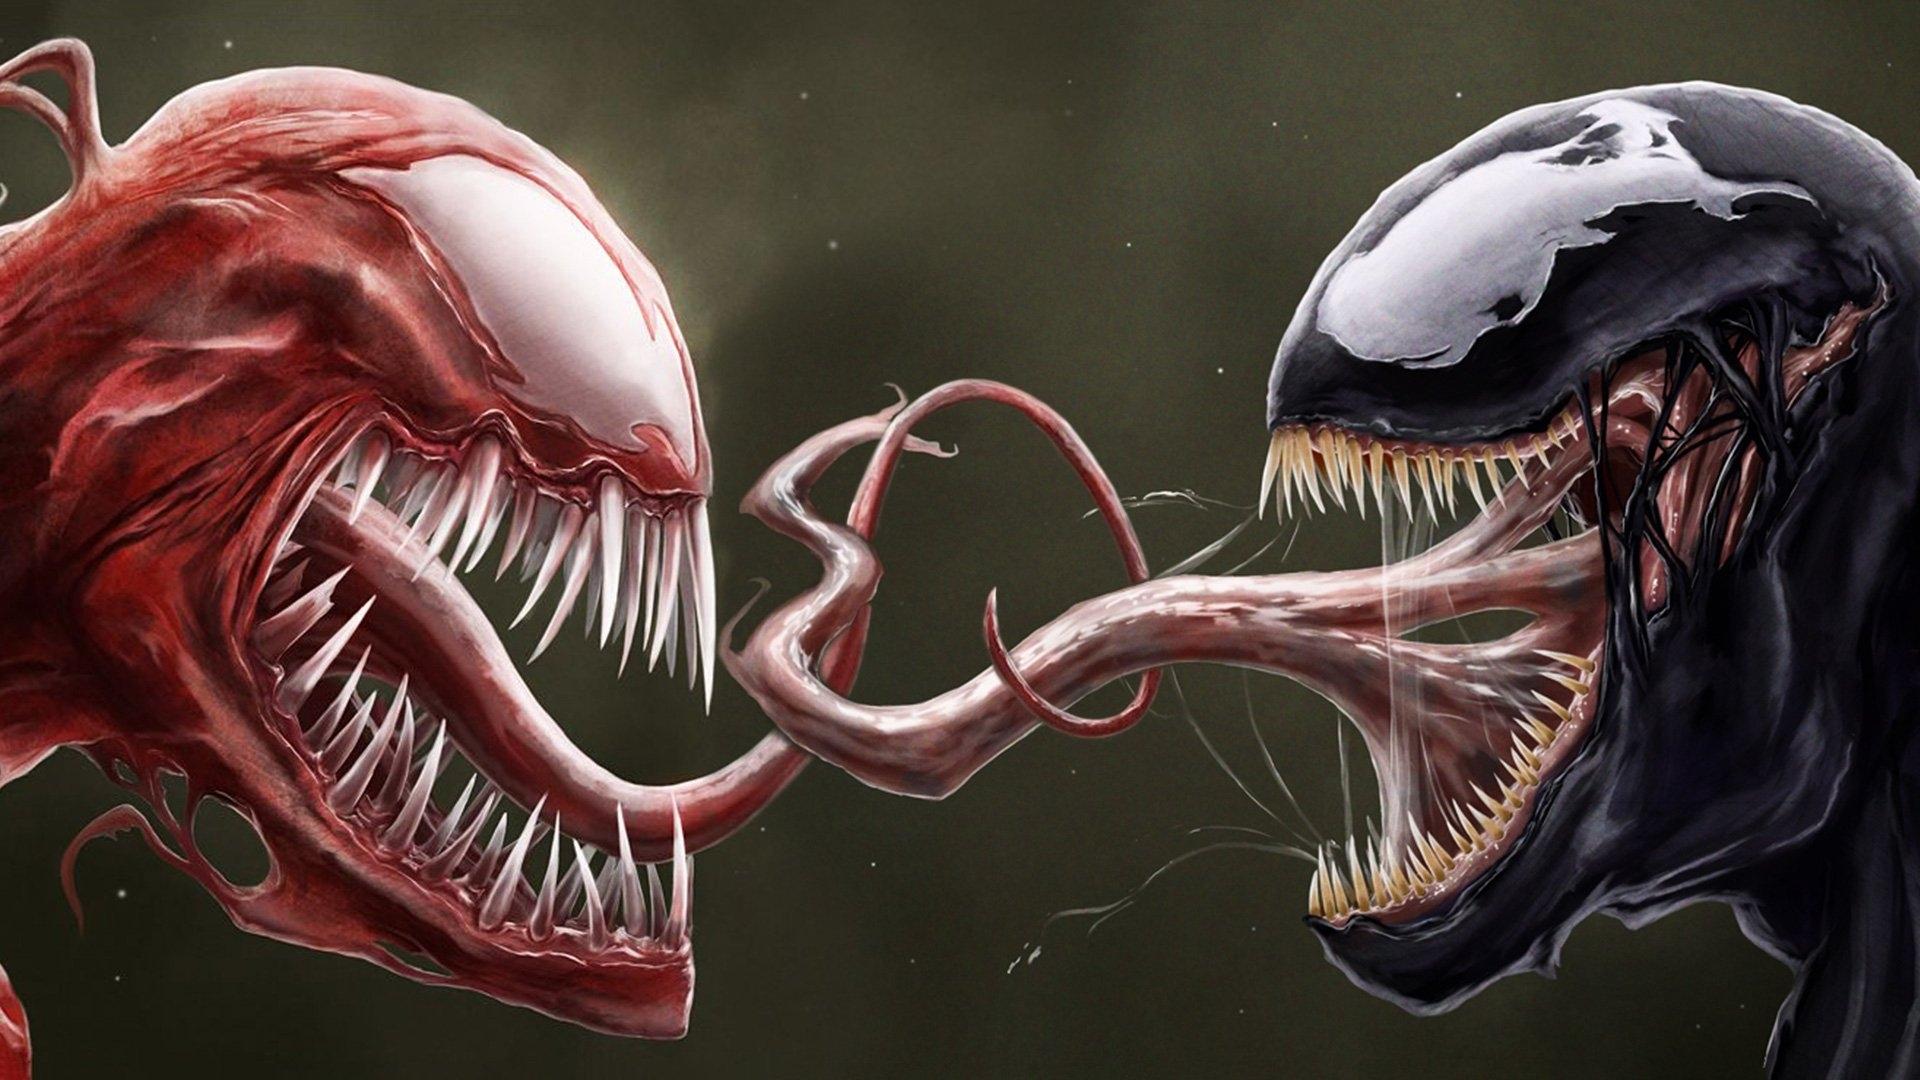 3 venom vs carnage fonds d'écran hd | arrière-plans - wallpaper abyss